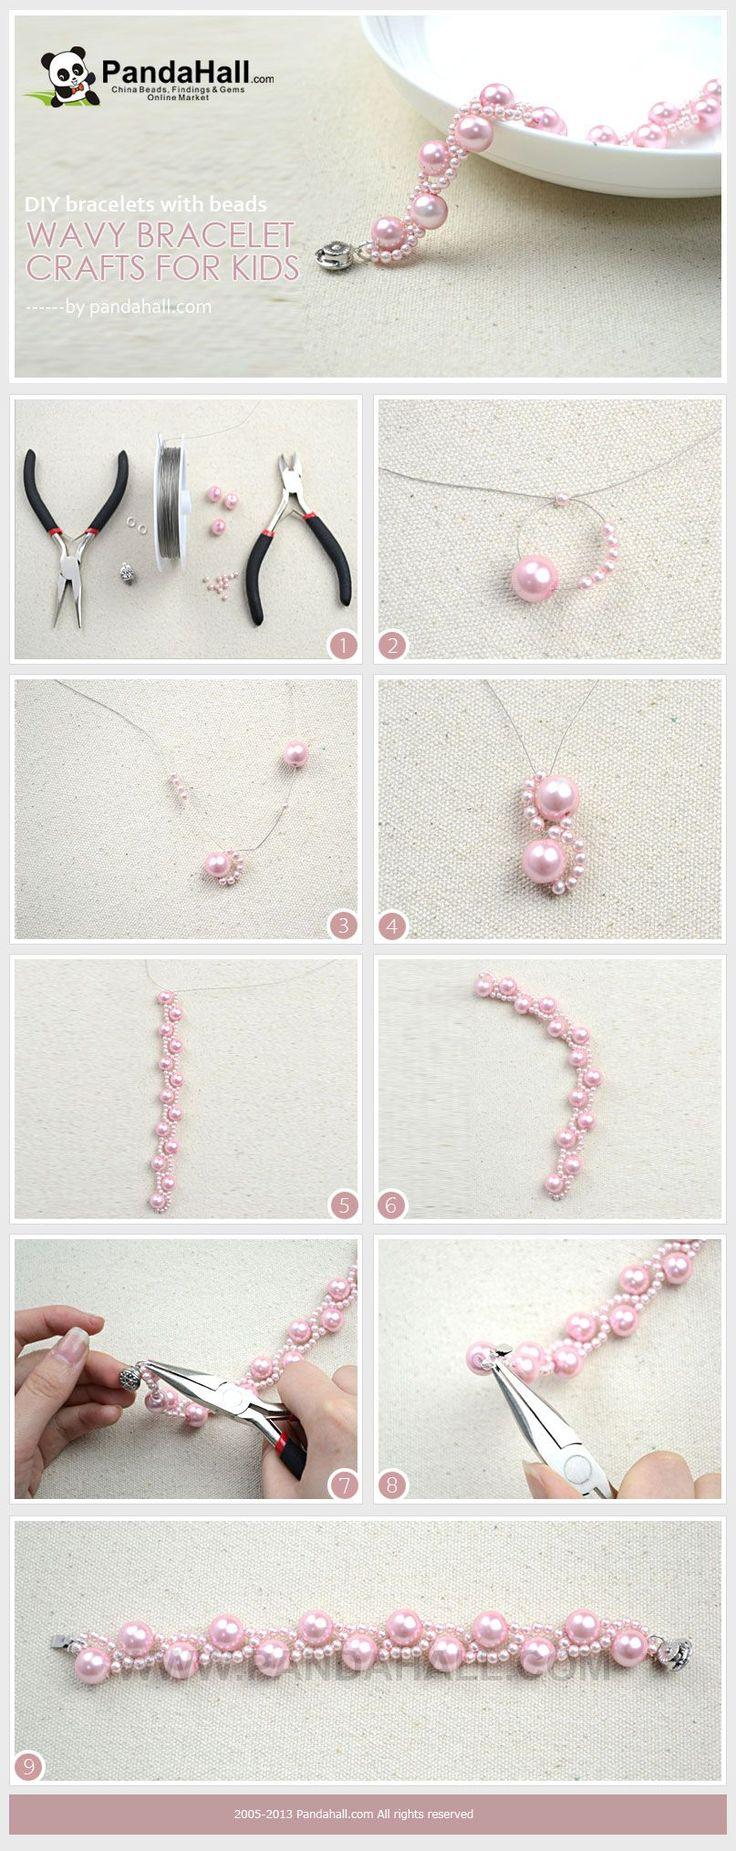 DIY bracelets with beads- wavy bracelet crafts for kids